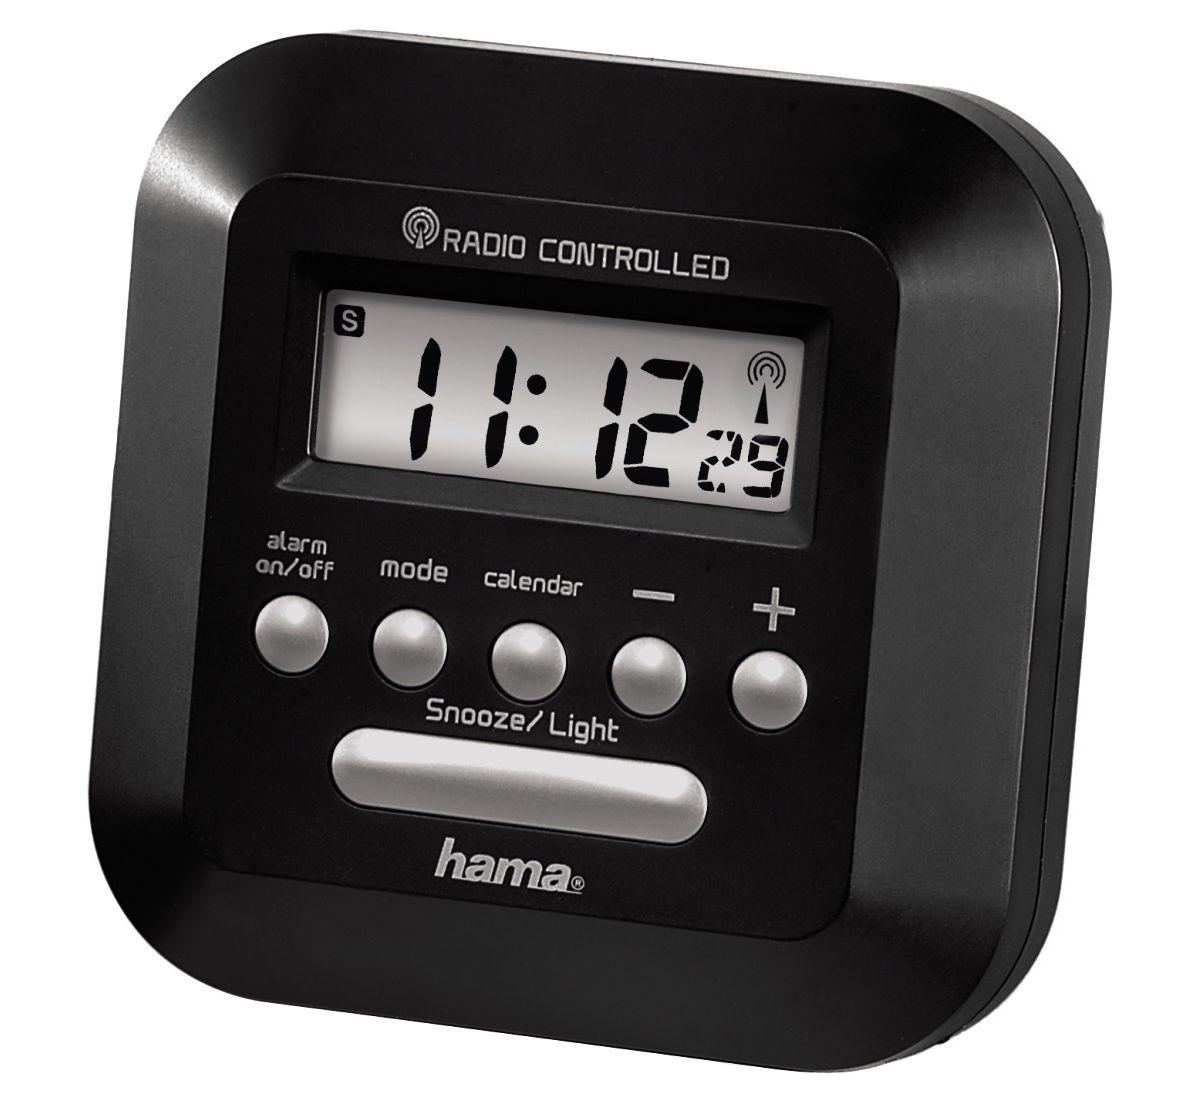 Hama Funkwecker \RC40\mit Hintergrundbeleuchtung, schwarz »Uhr-/Kalender- u. Weckfunktion«